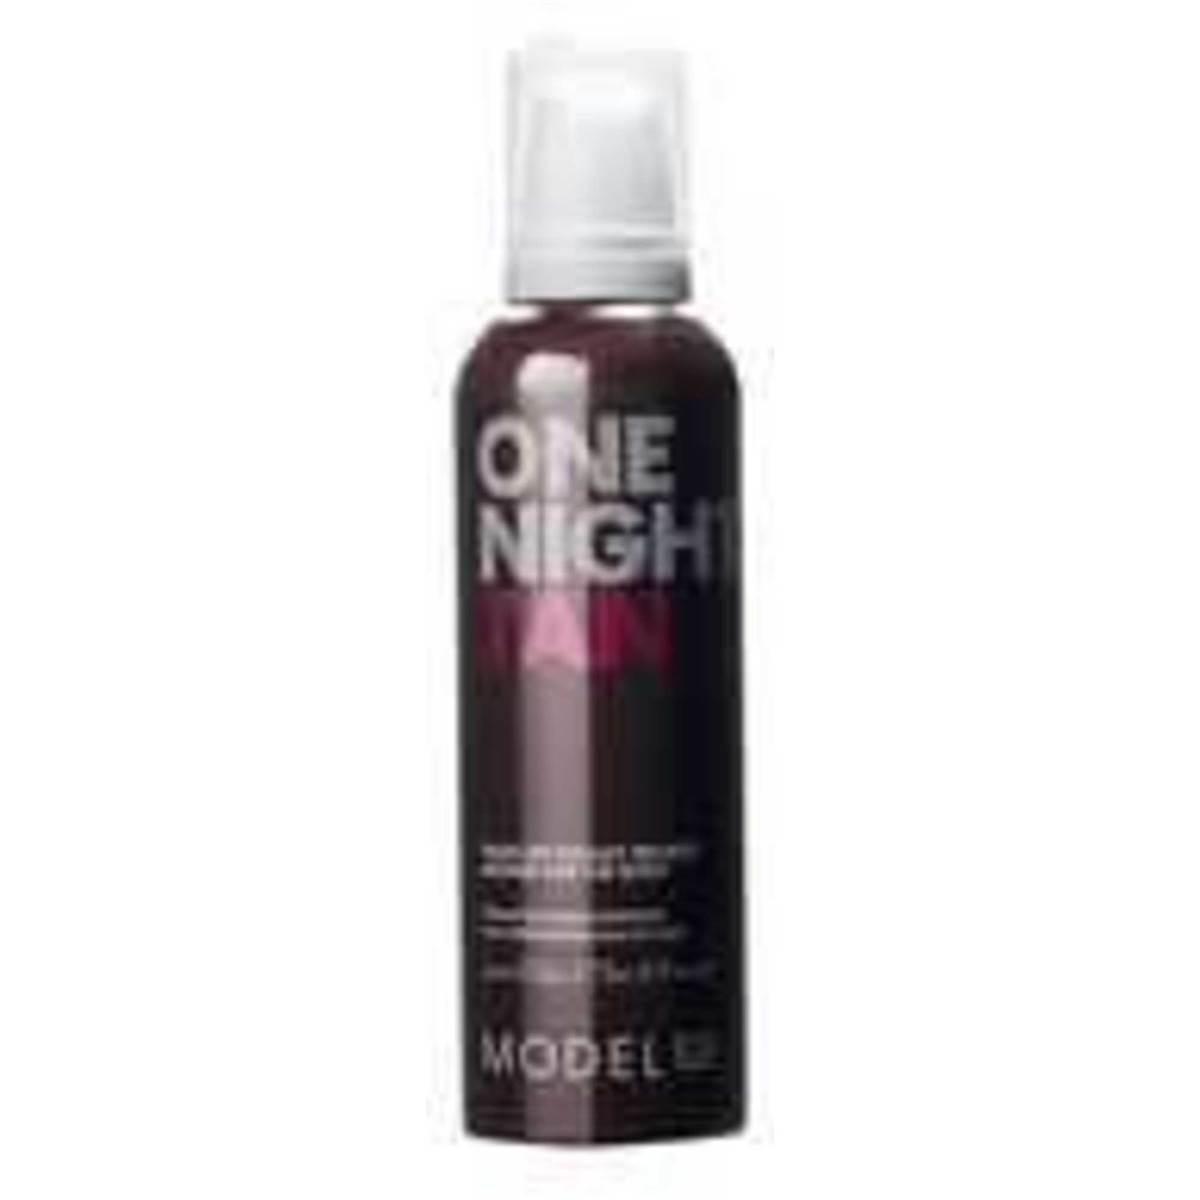 Mcobeauty One Night Tan